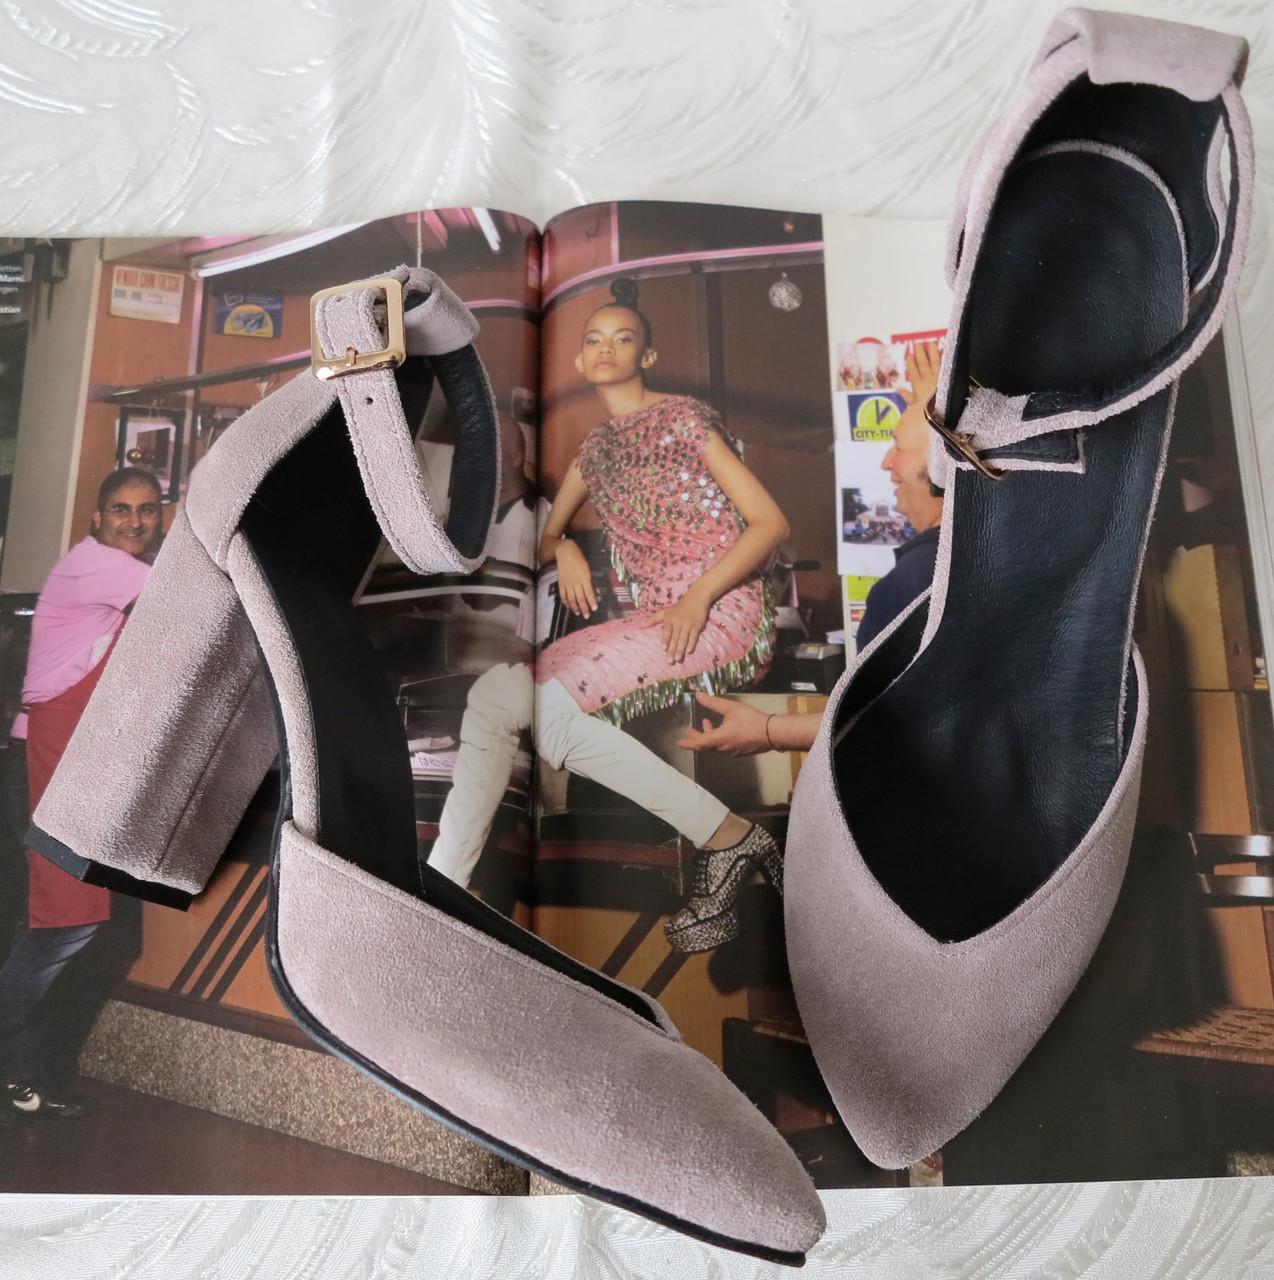 36 р. Туфли женские бежевые замшевые на каблуке с ремешком, из натуральной замши, натуральная замша